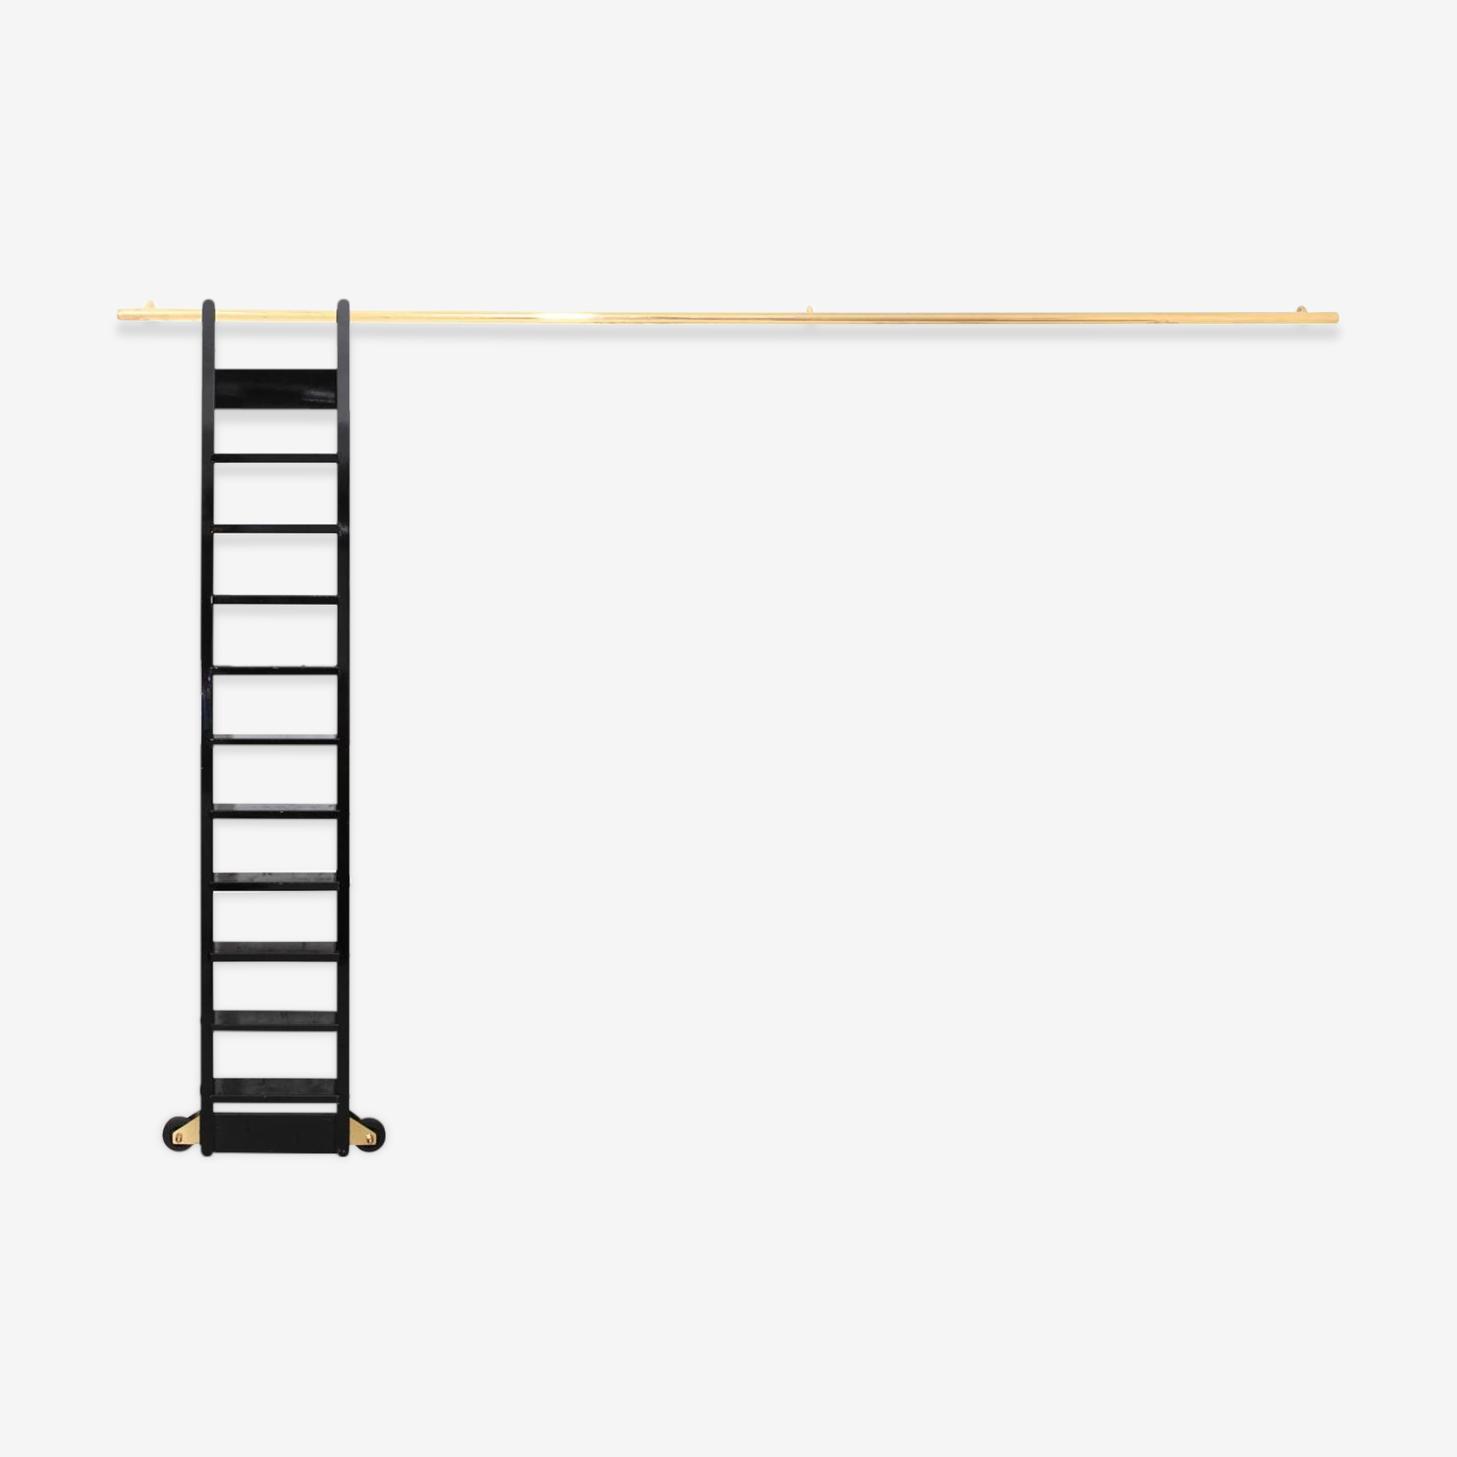 Échelle de bibliothèque laquée noire sur rail en laiton